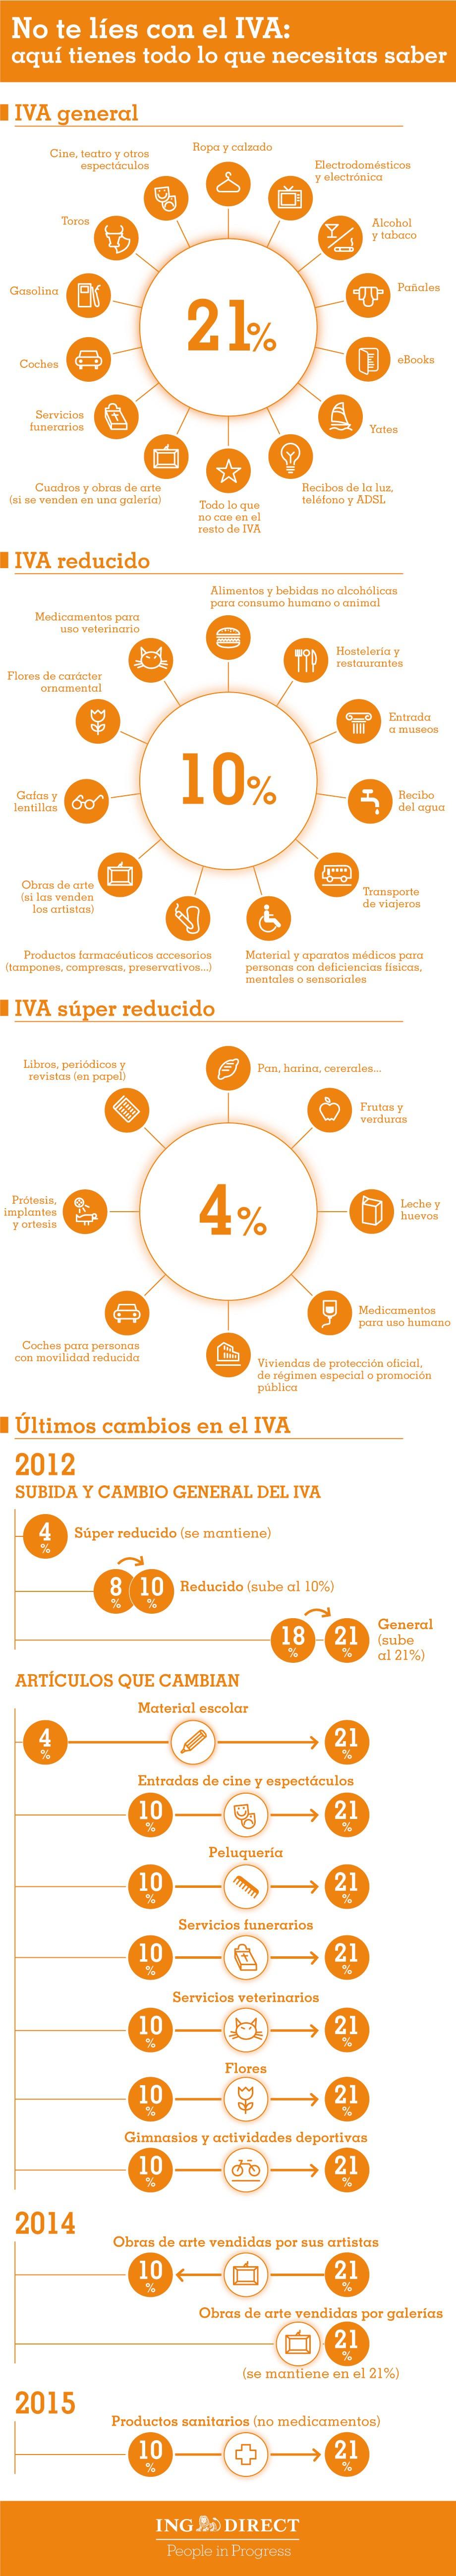 IVA 2015